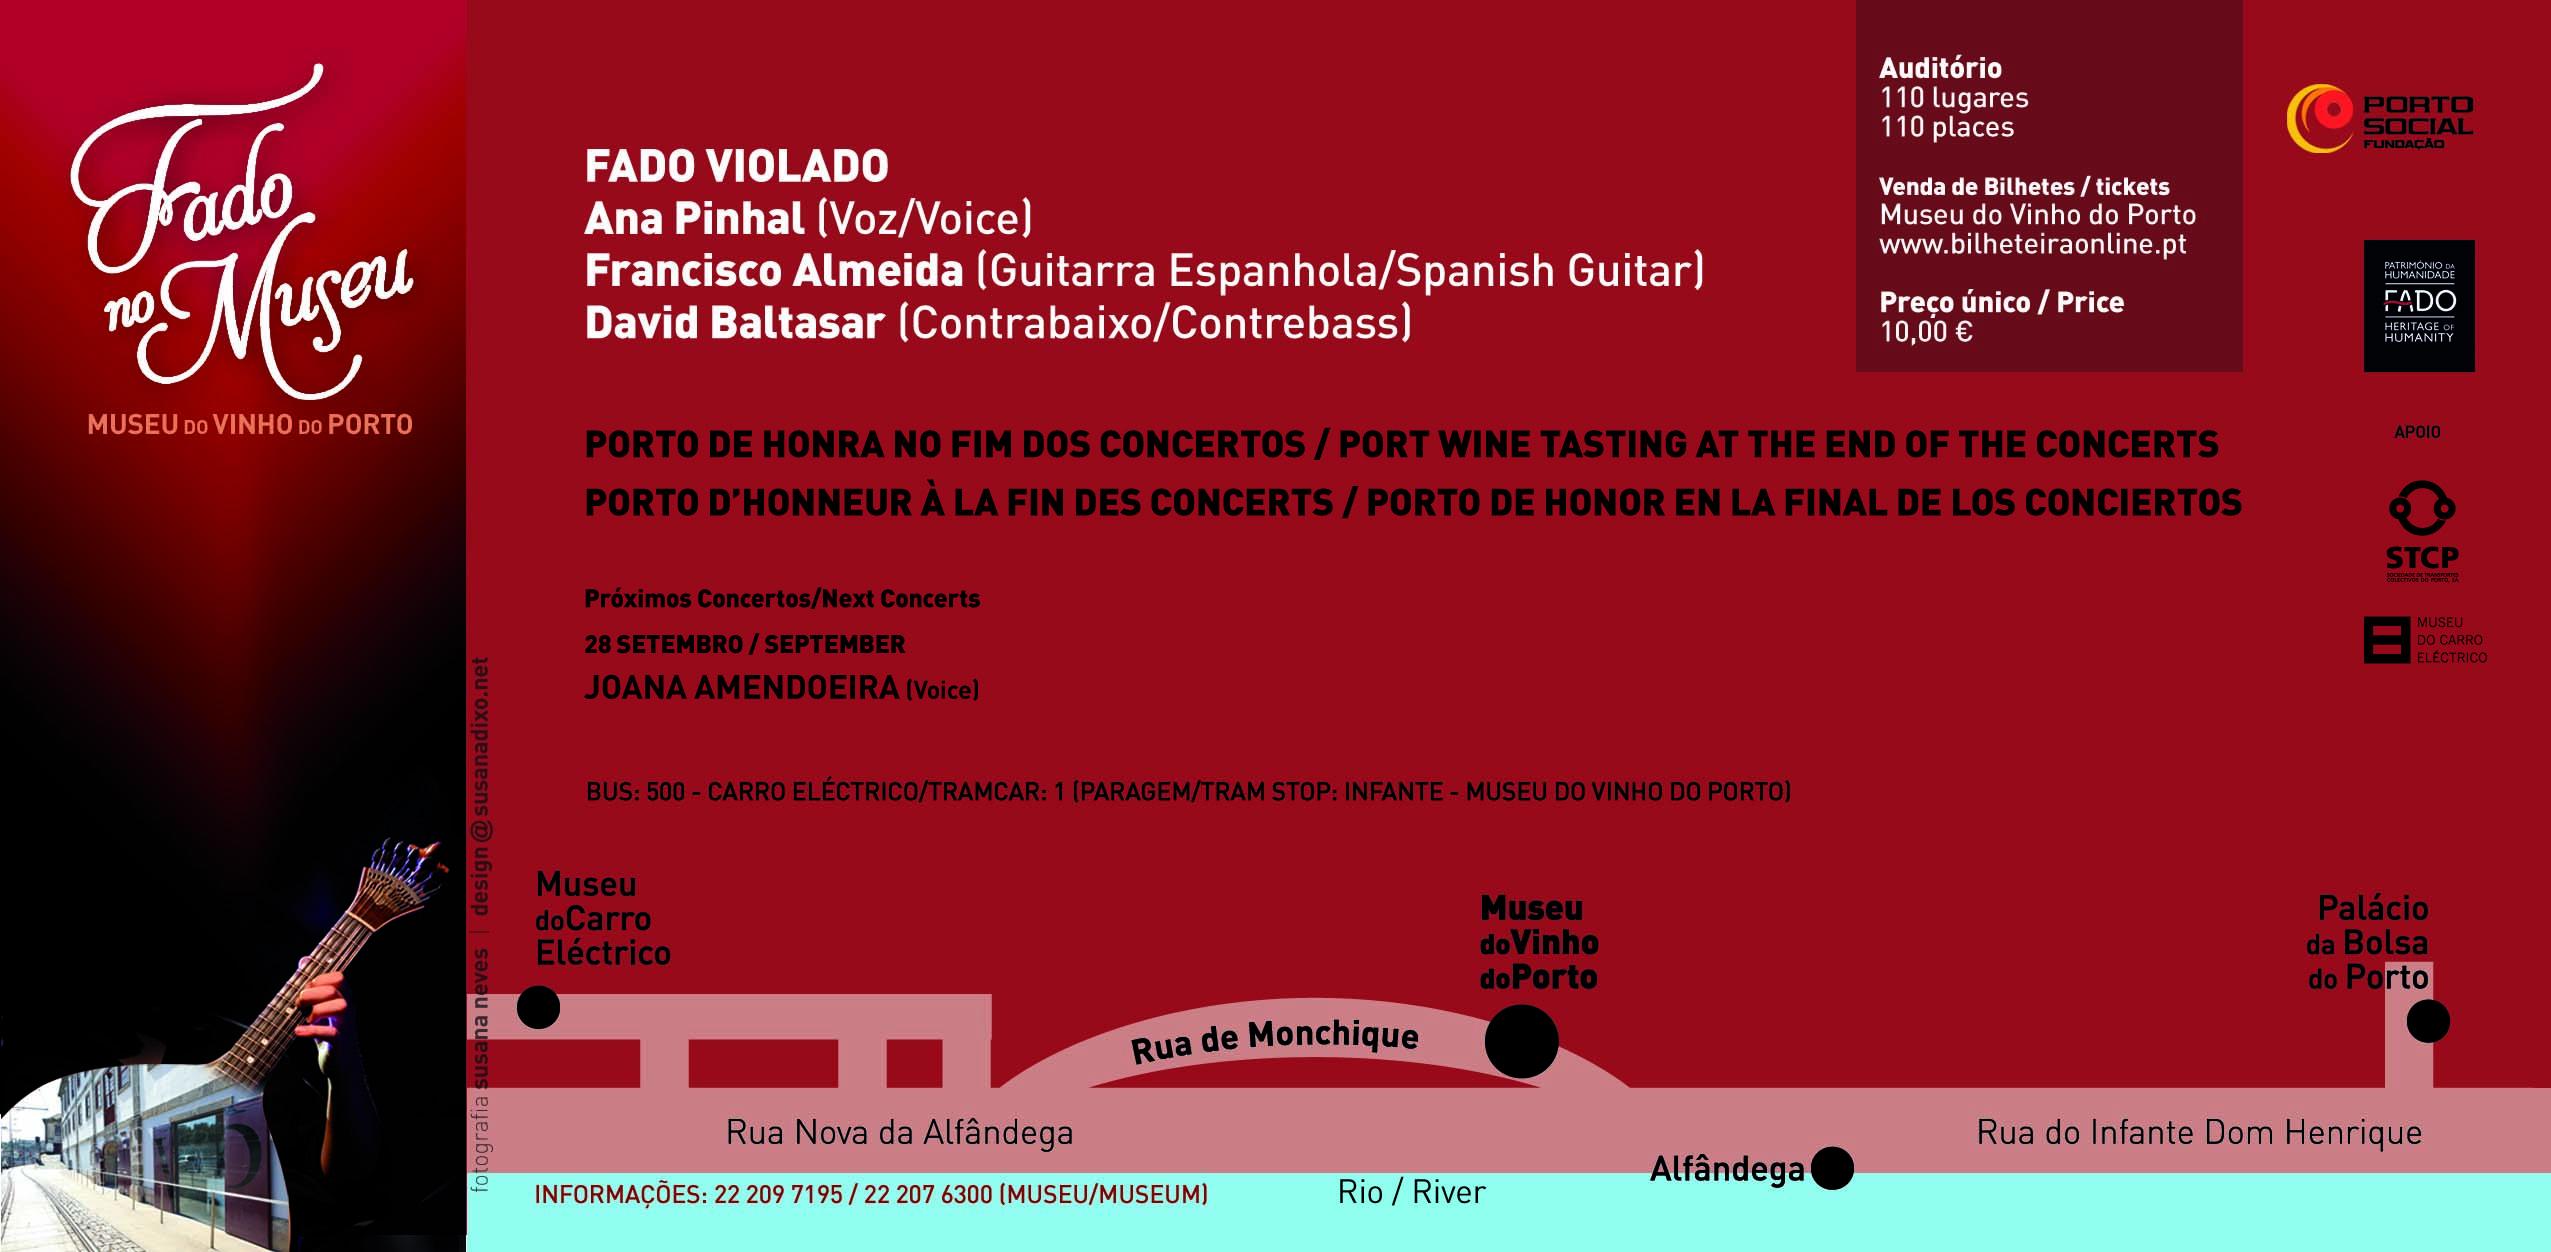 flyer_fado_violado